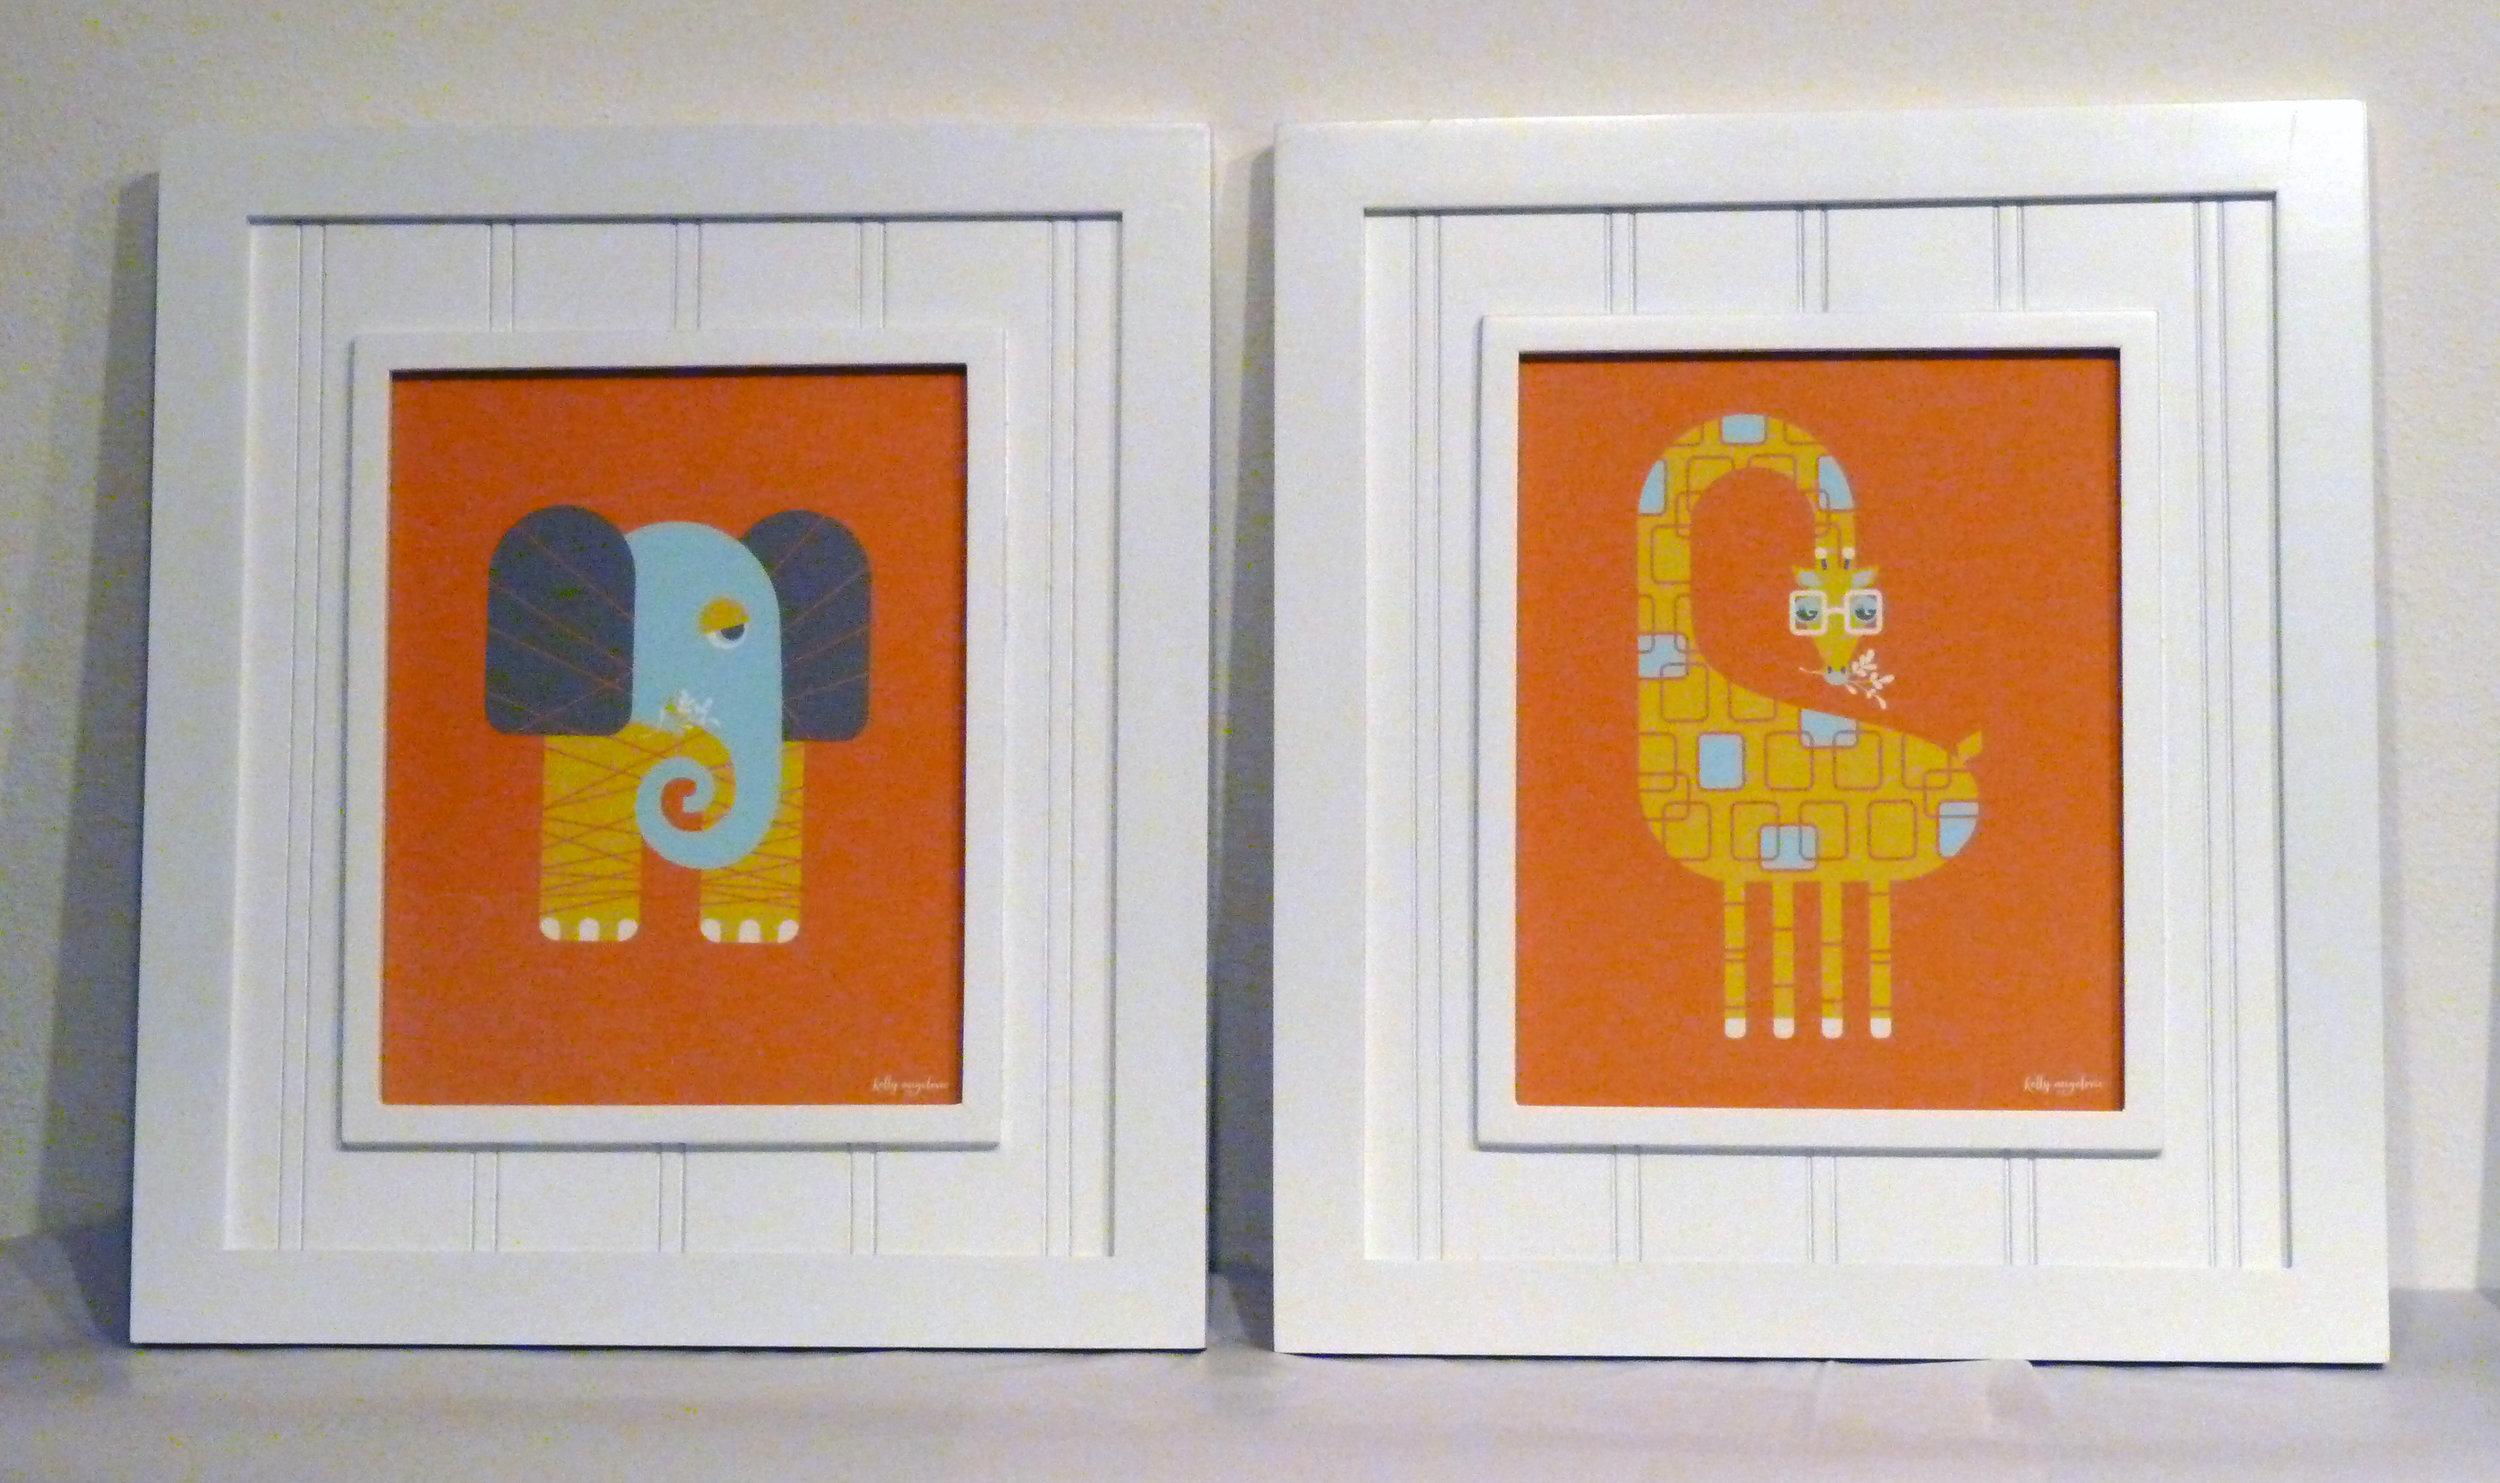 Animal prints for sale!